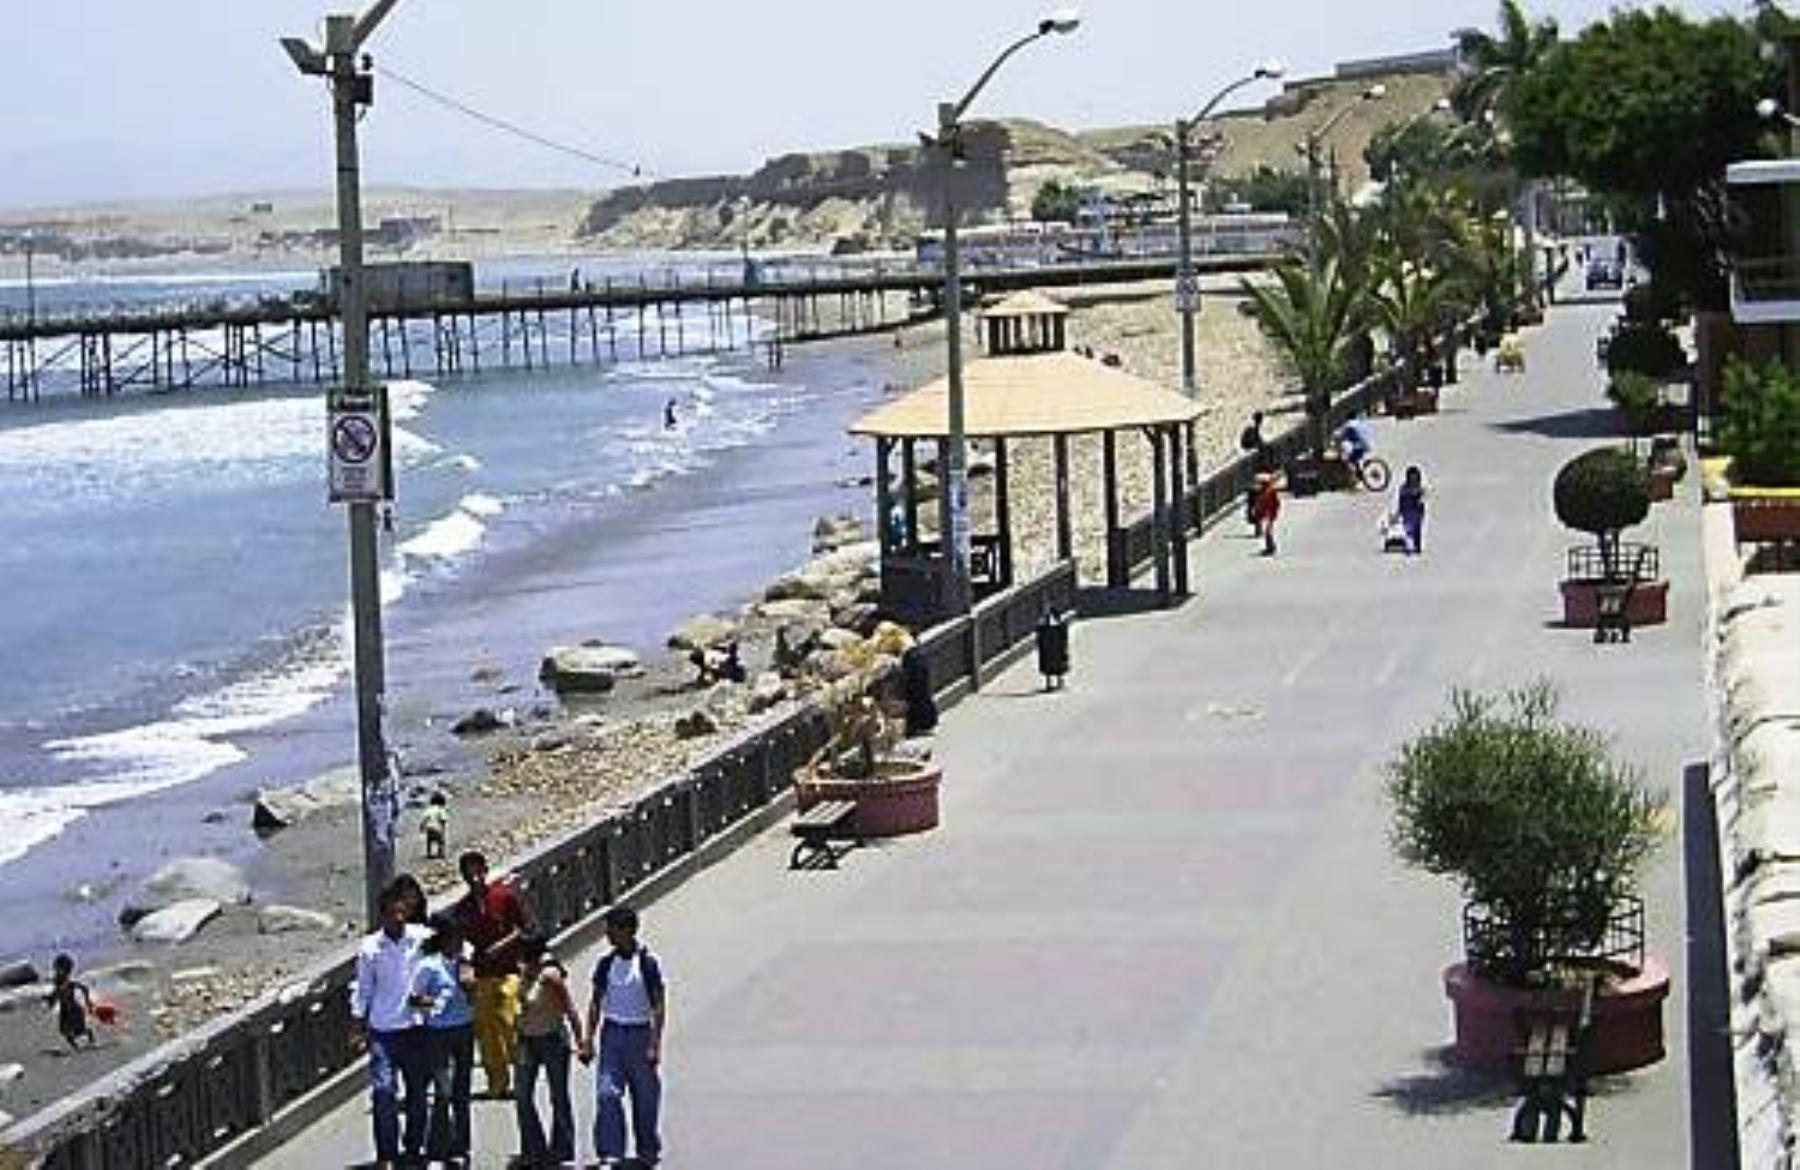 Mincetur ejecutó diversas obras de mejoramiento e interés turístico en Pacasmayo, La Libertad. ANDINA